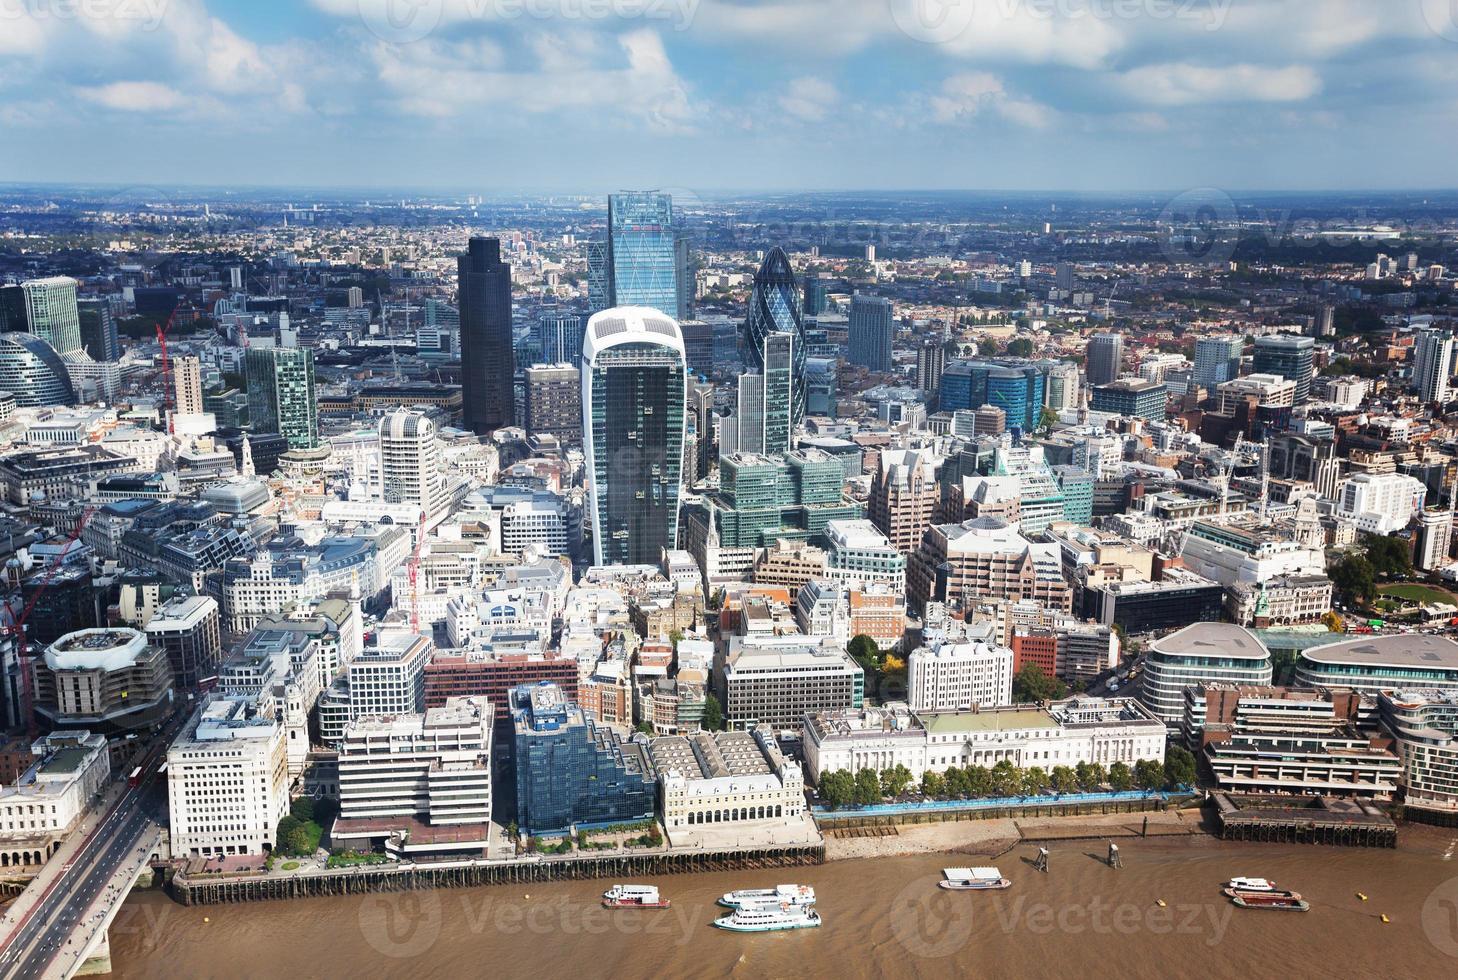 stad Londen en zonnige dag foto